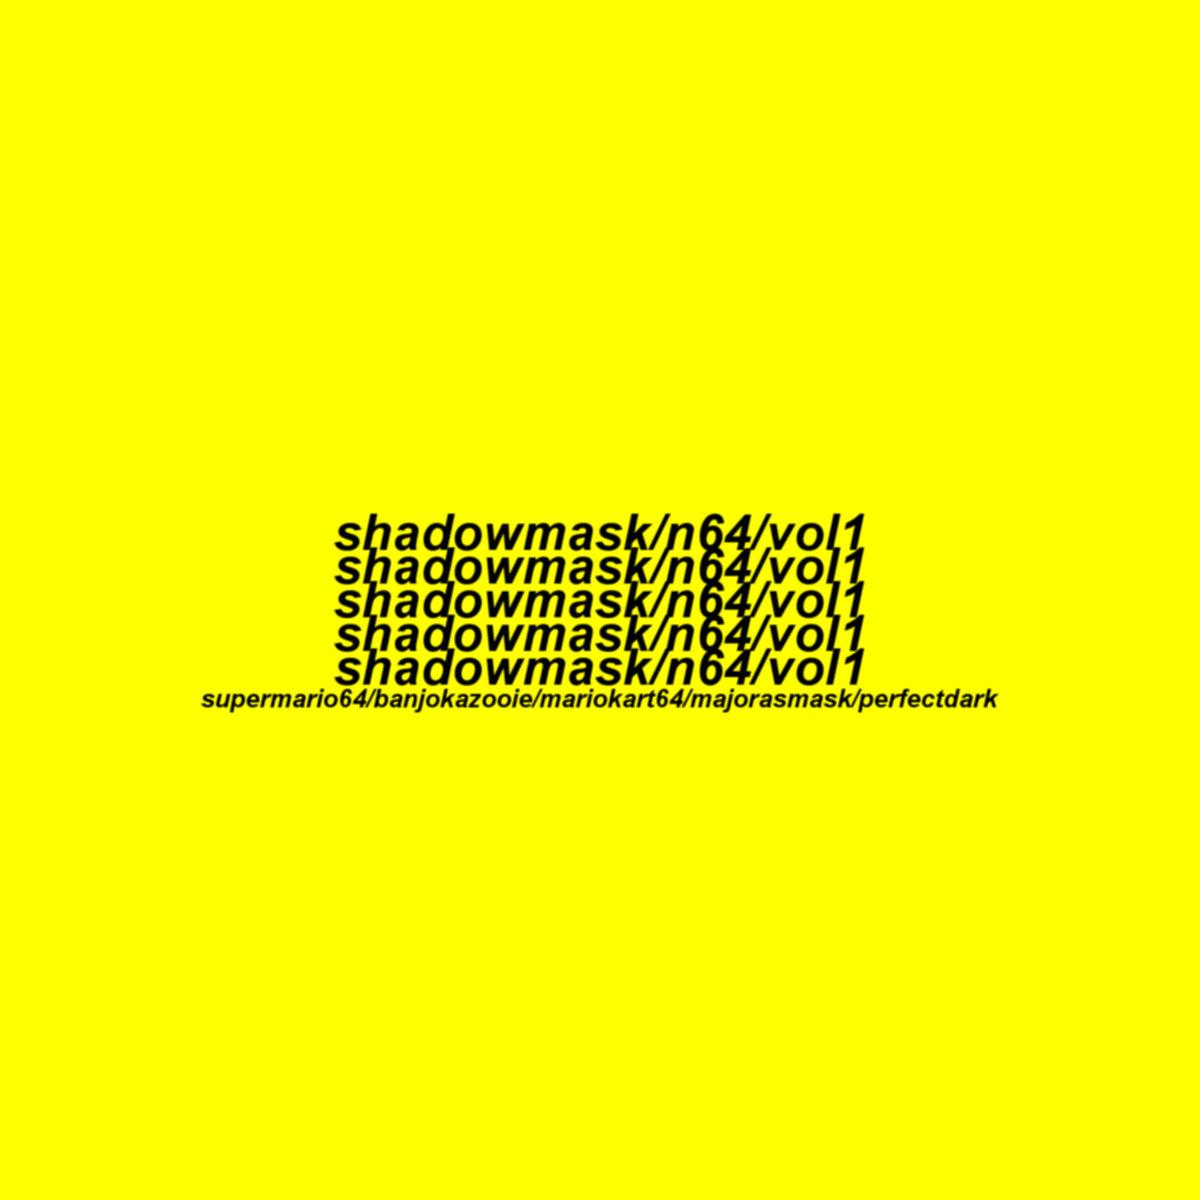 mario kart 64 logo font